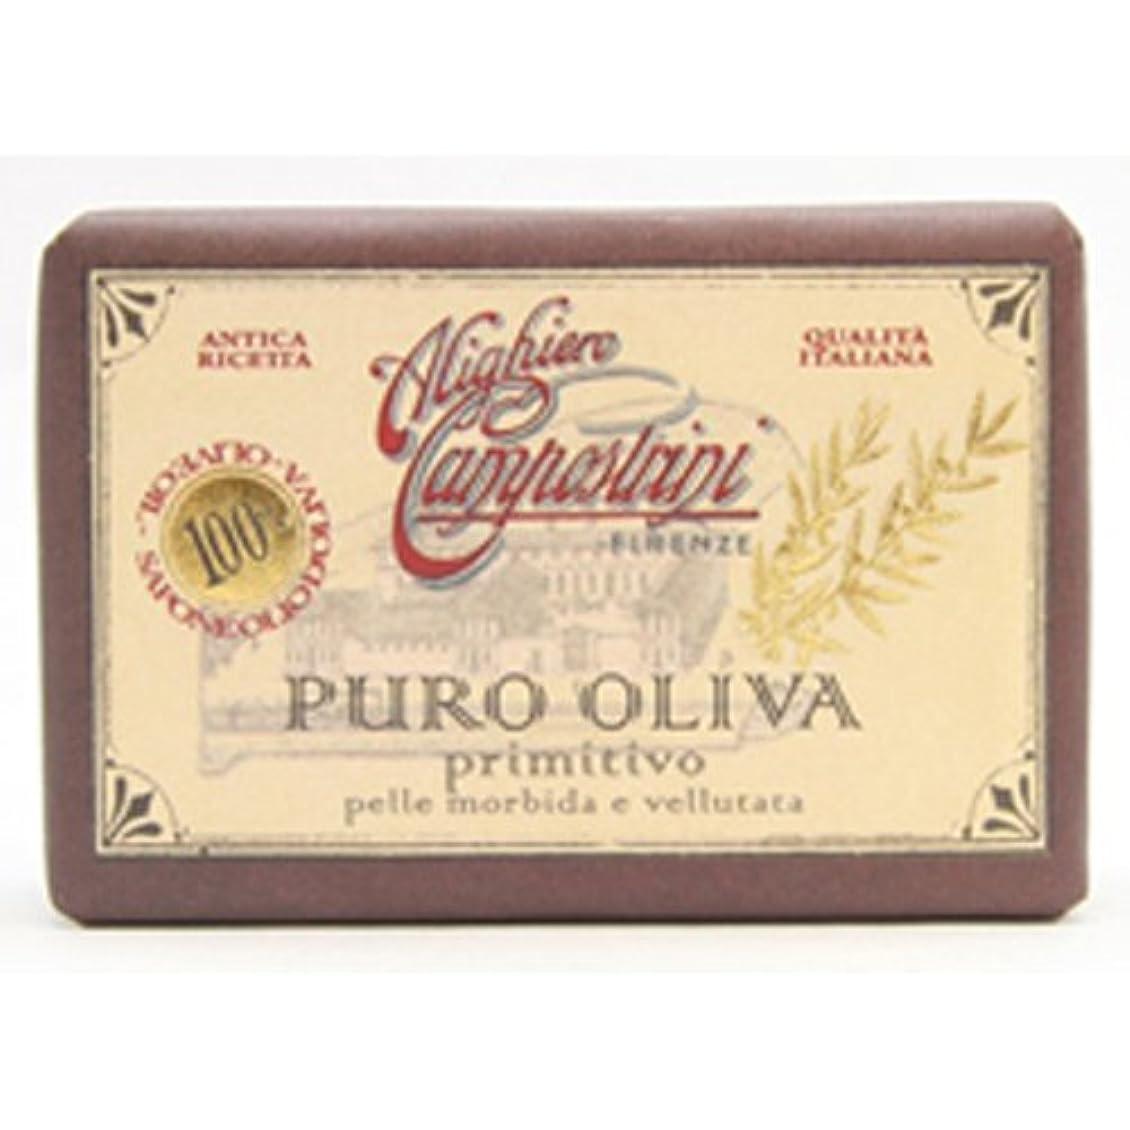 喜ぶ通知失うSaponerire Fissi サポネリーフィッシー PURO OLIVA Soap オリーブオイル ピュロ ソープ primitivo オリジナル 150g